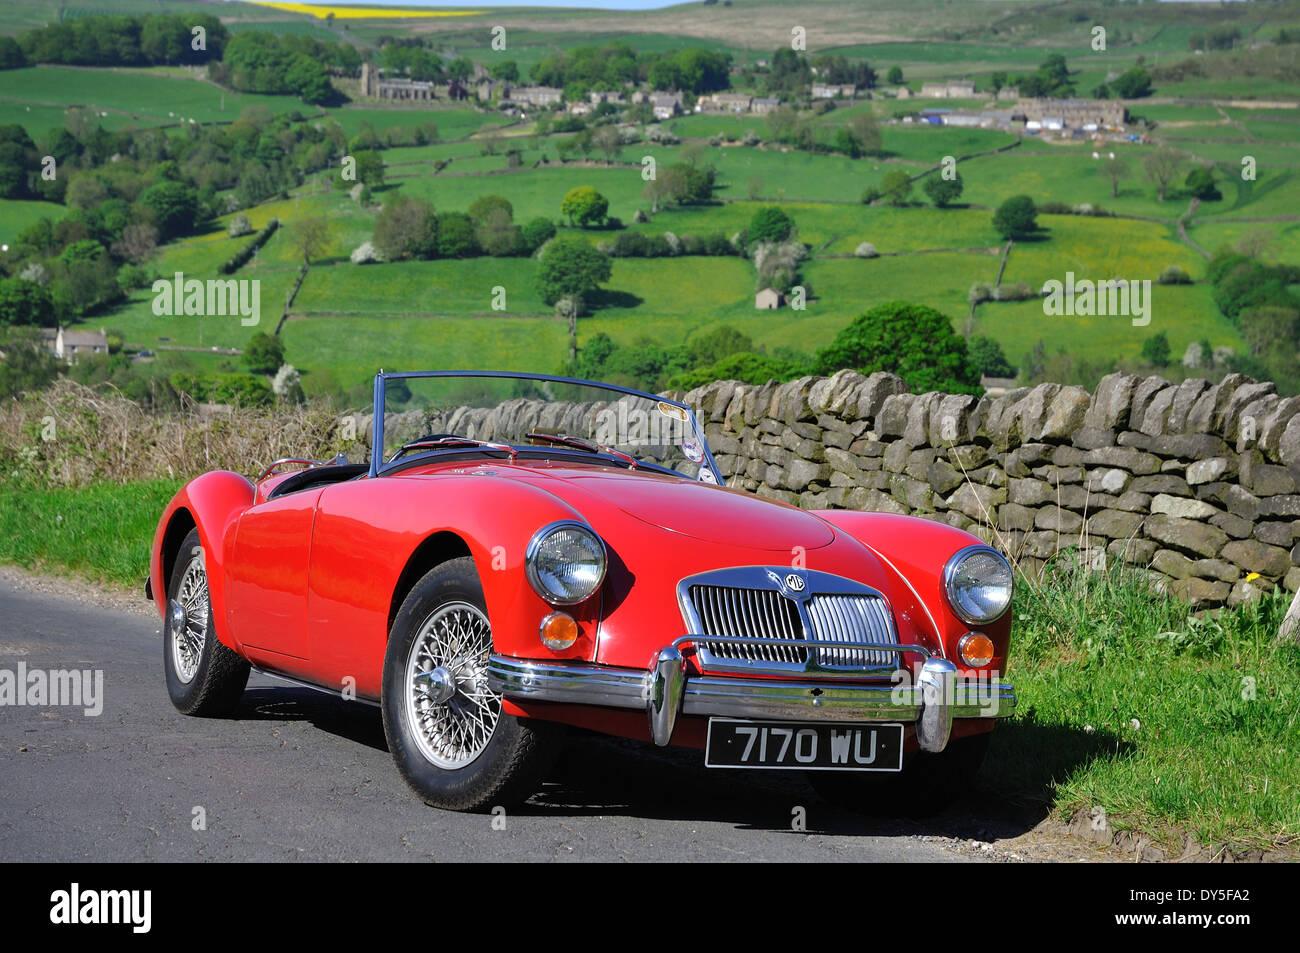 Ein MGA-Sportwagen steht auf einem Feldweg im Sommer mit einem englischen Dorf auf dem Hügel im Hintergrund Stockbild